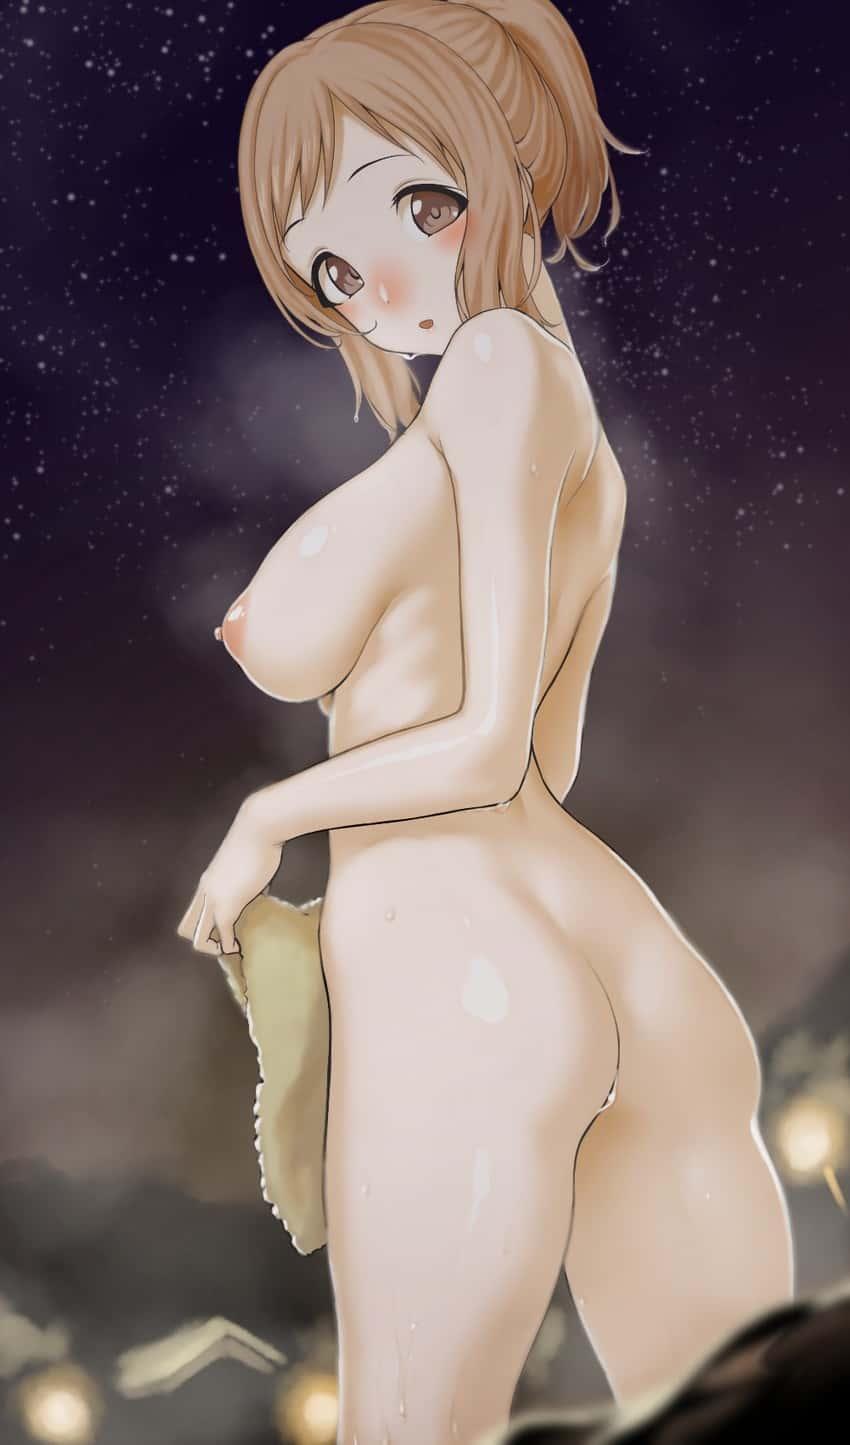 sakuragi mano idolmaster70 - 【アイドルマスター】櫻木真乃ちゃんのエロ画像:イラスト その2